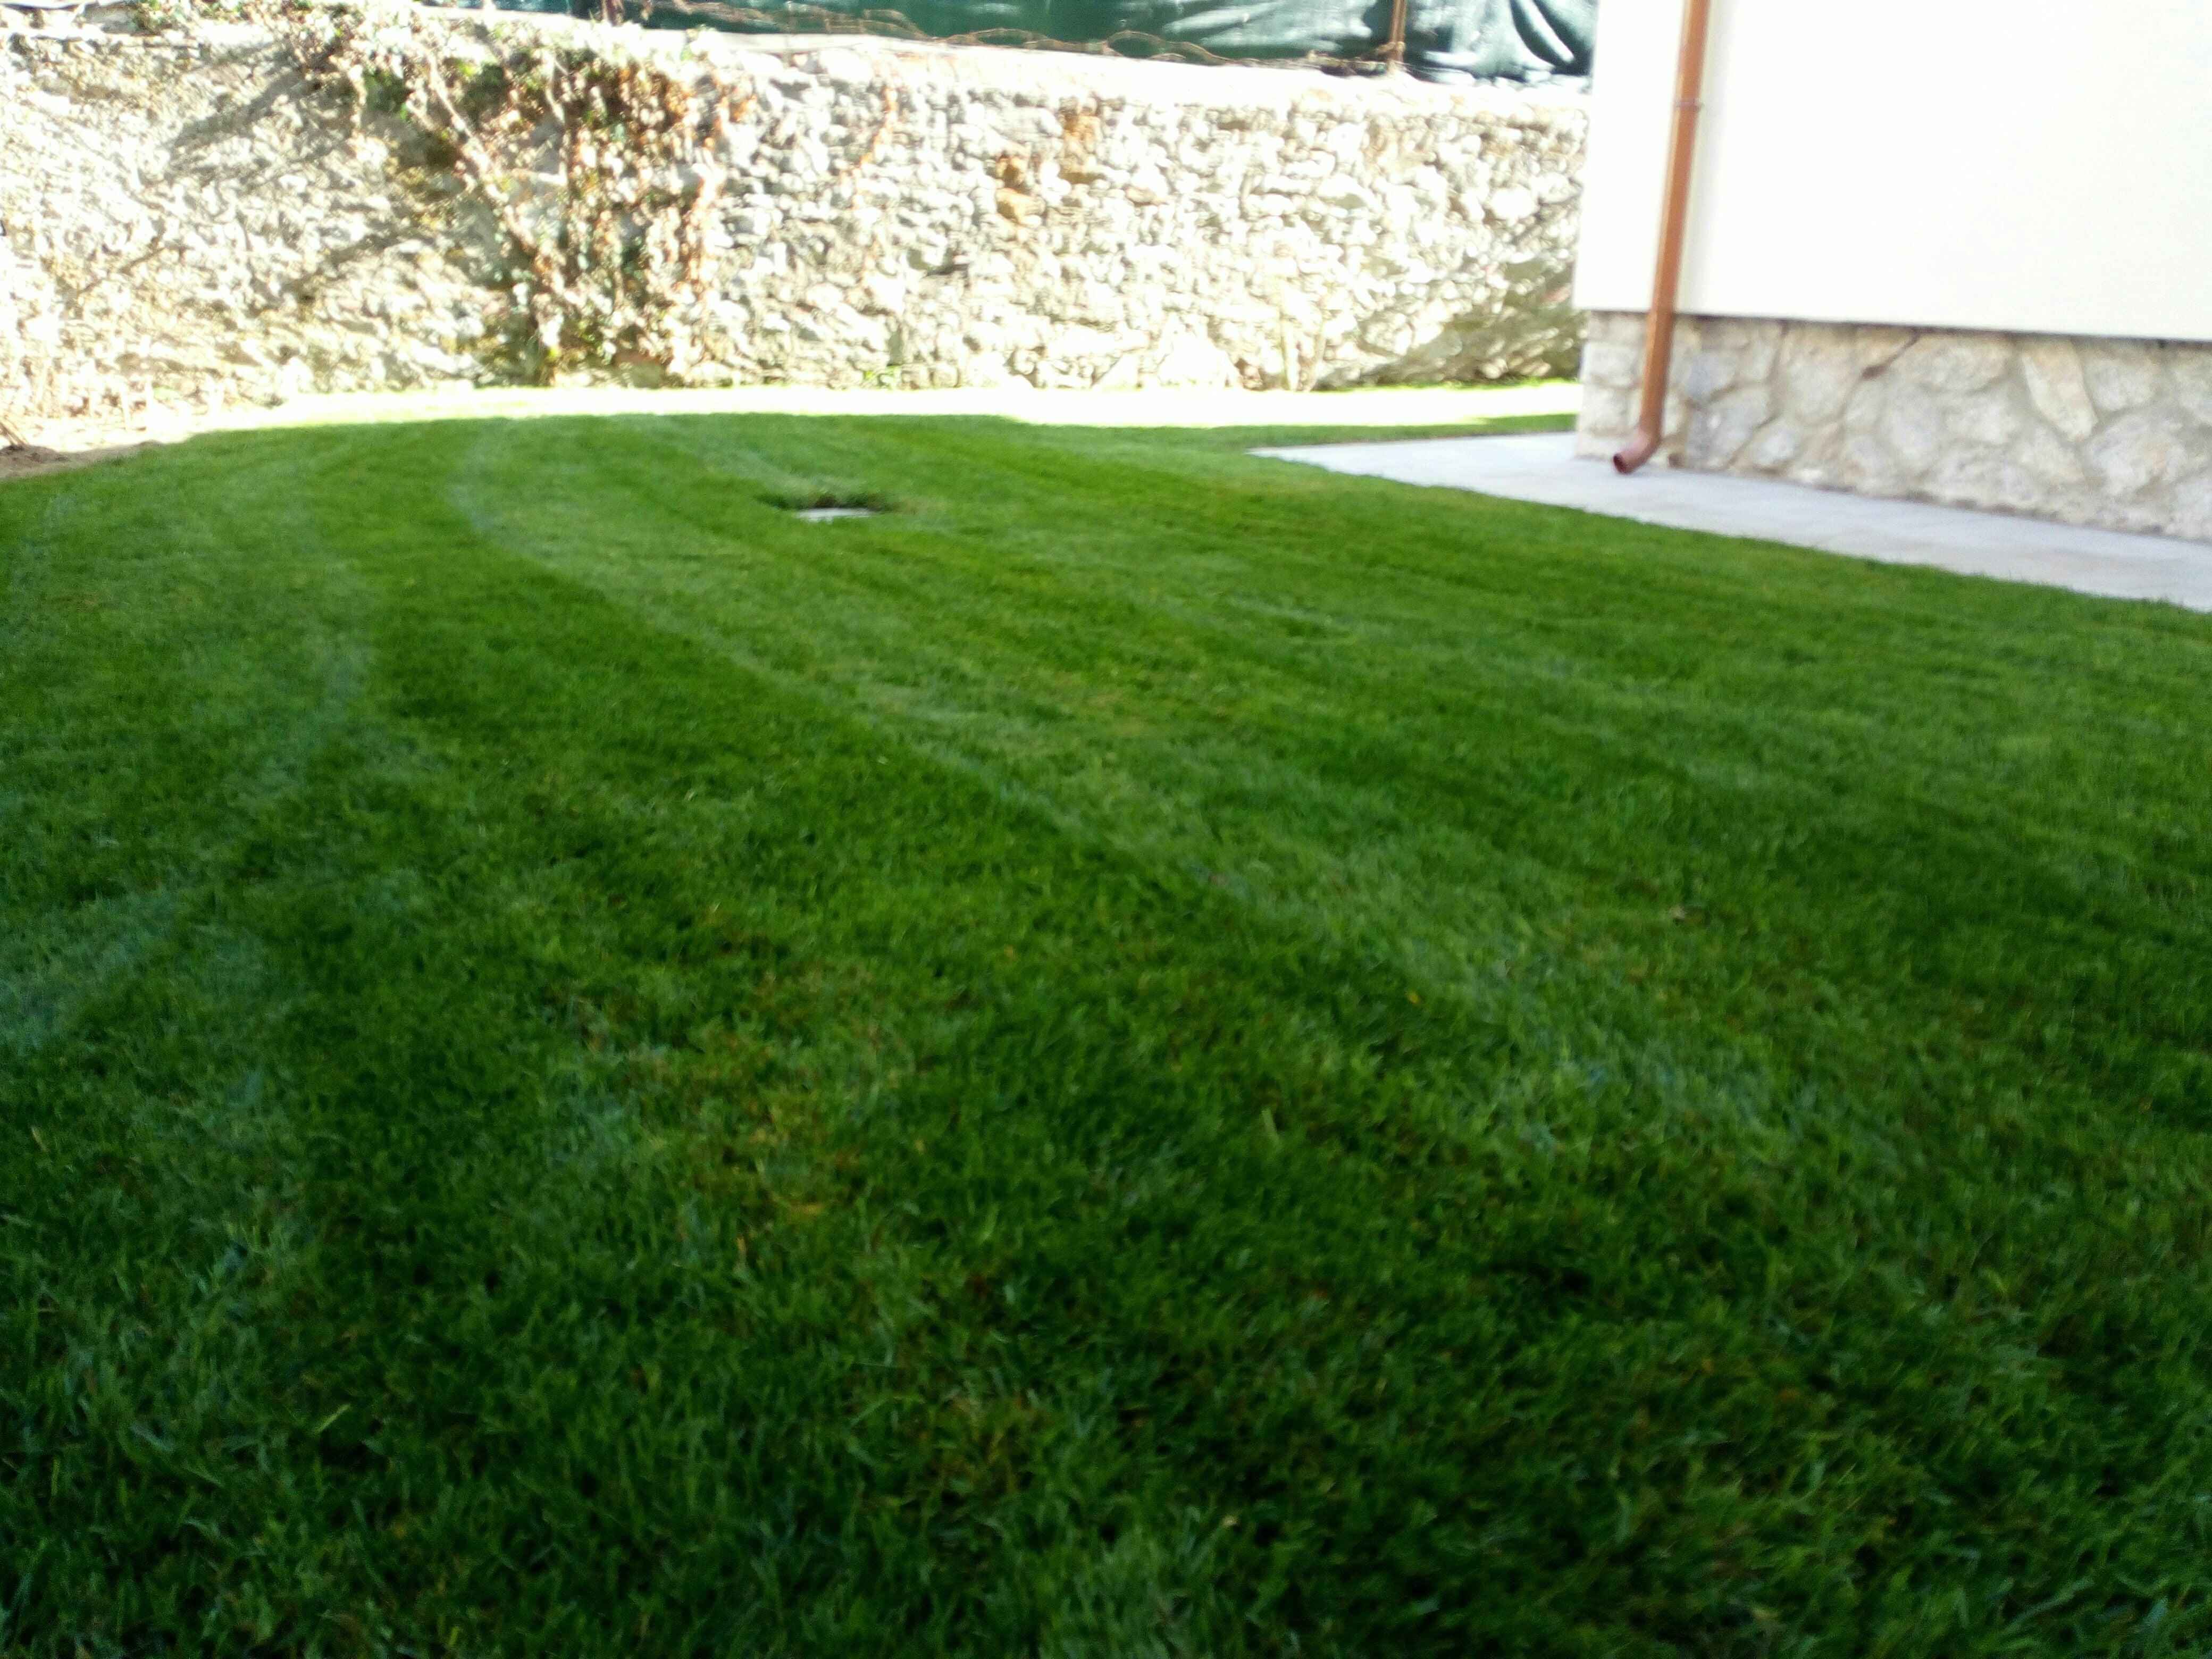 I migliori esperti in arredo giardino a pisa con preventivi